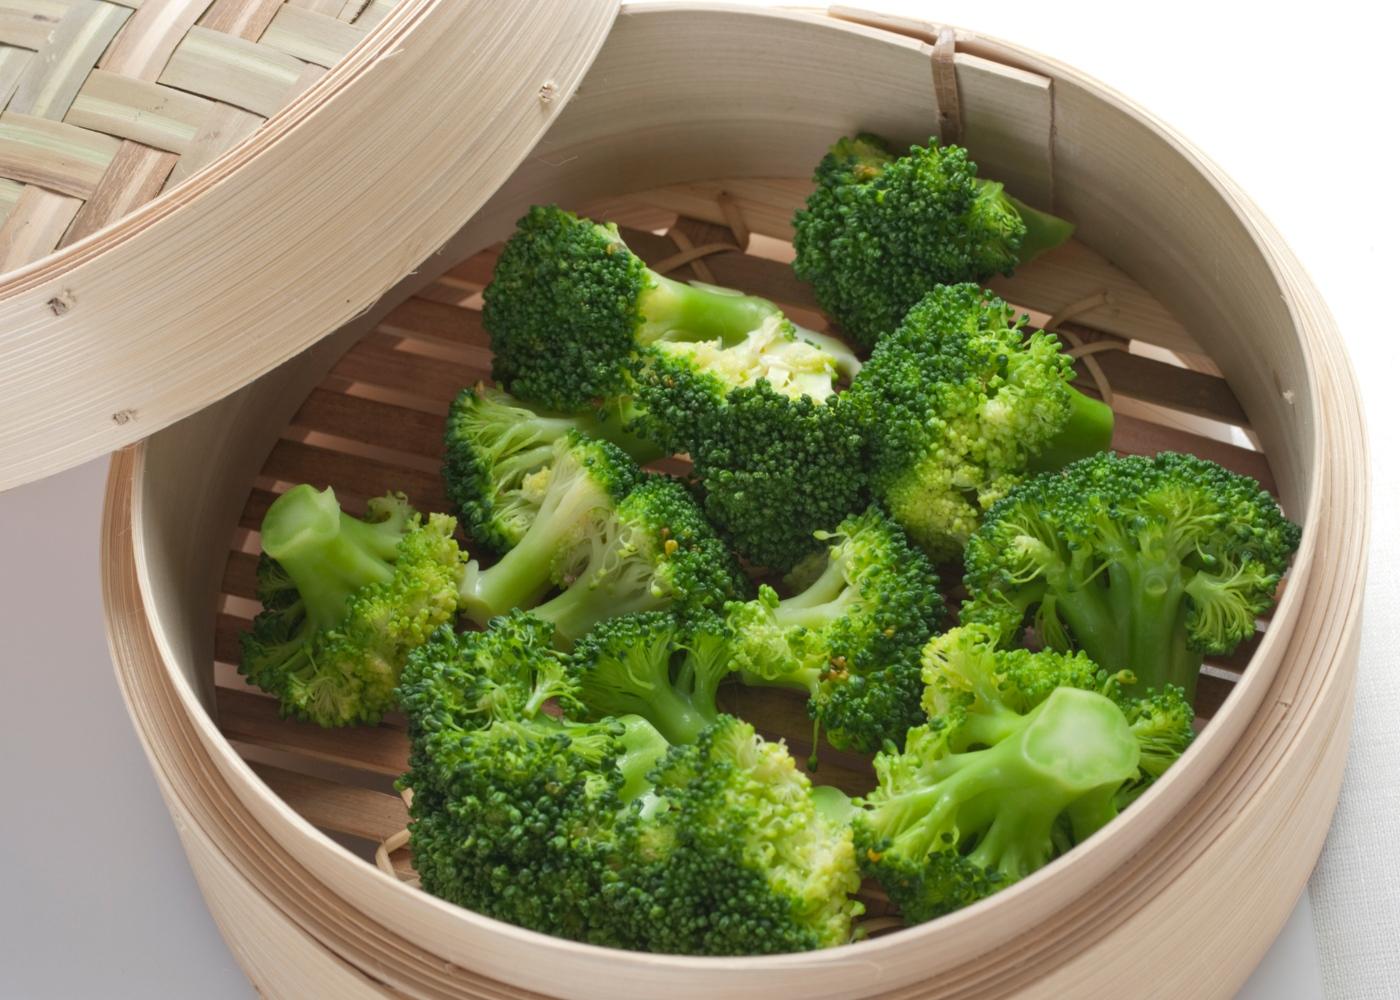 método e tempo de confeção ideais de legumes e leguminosas: cozinhar legumes a vapor